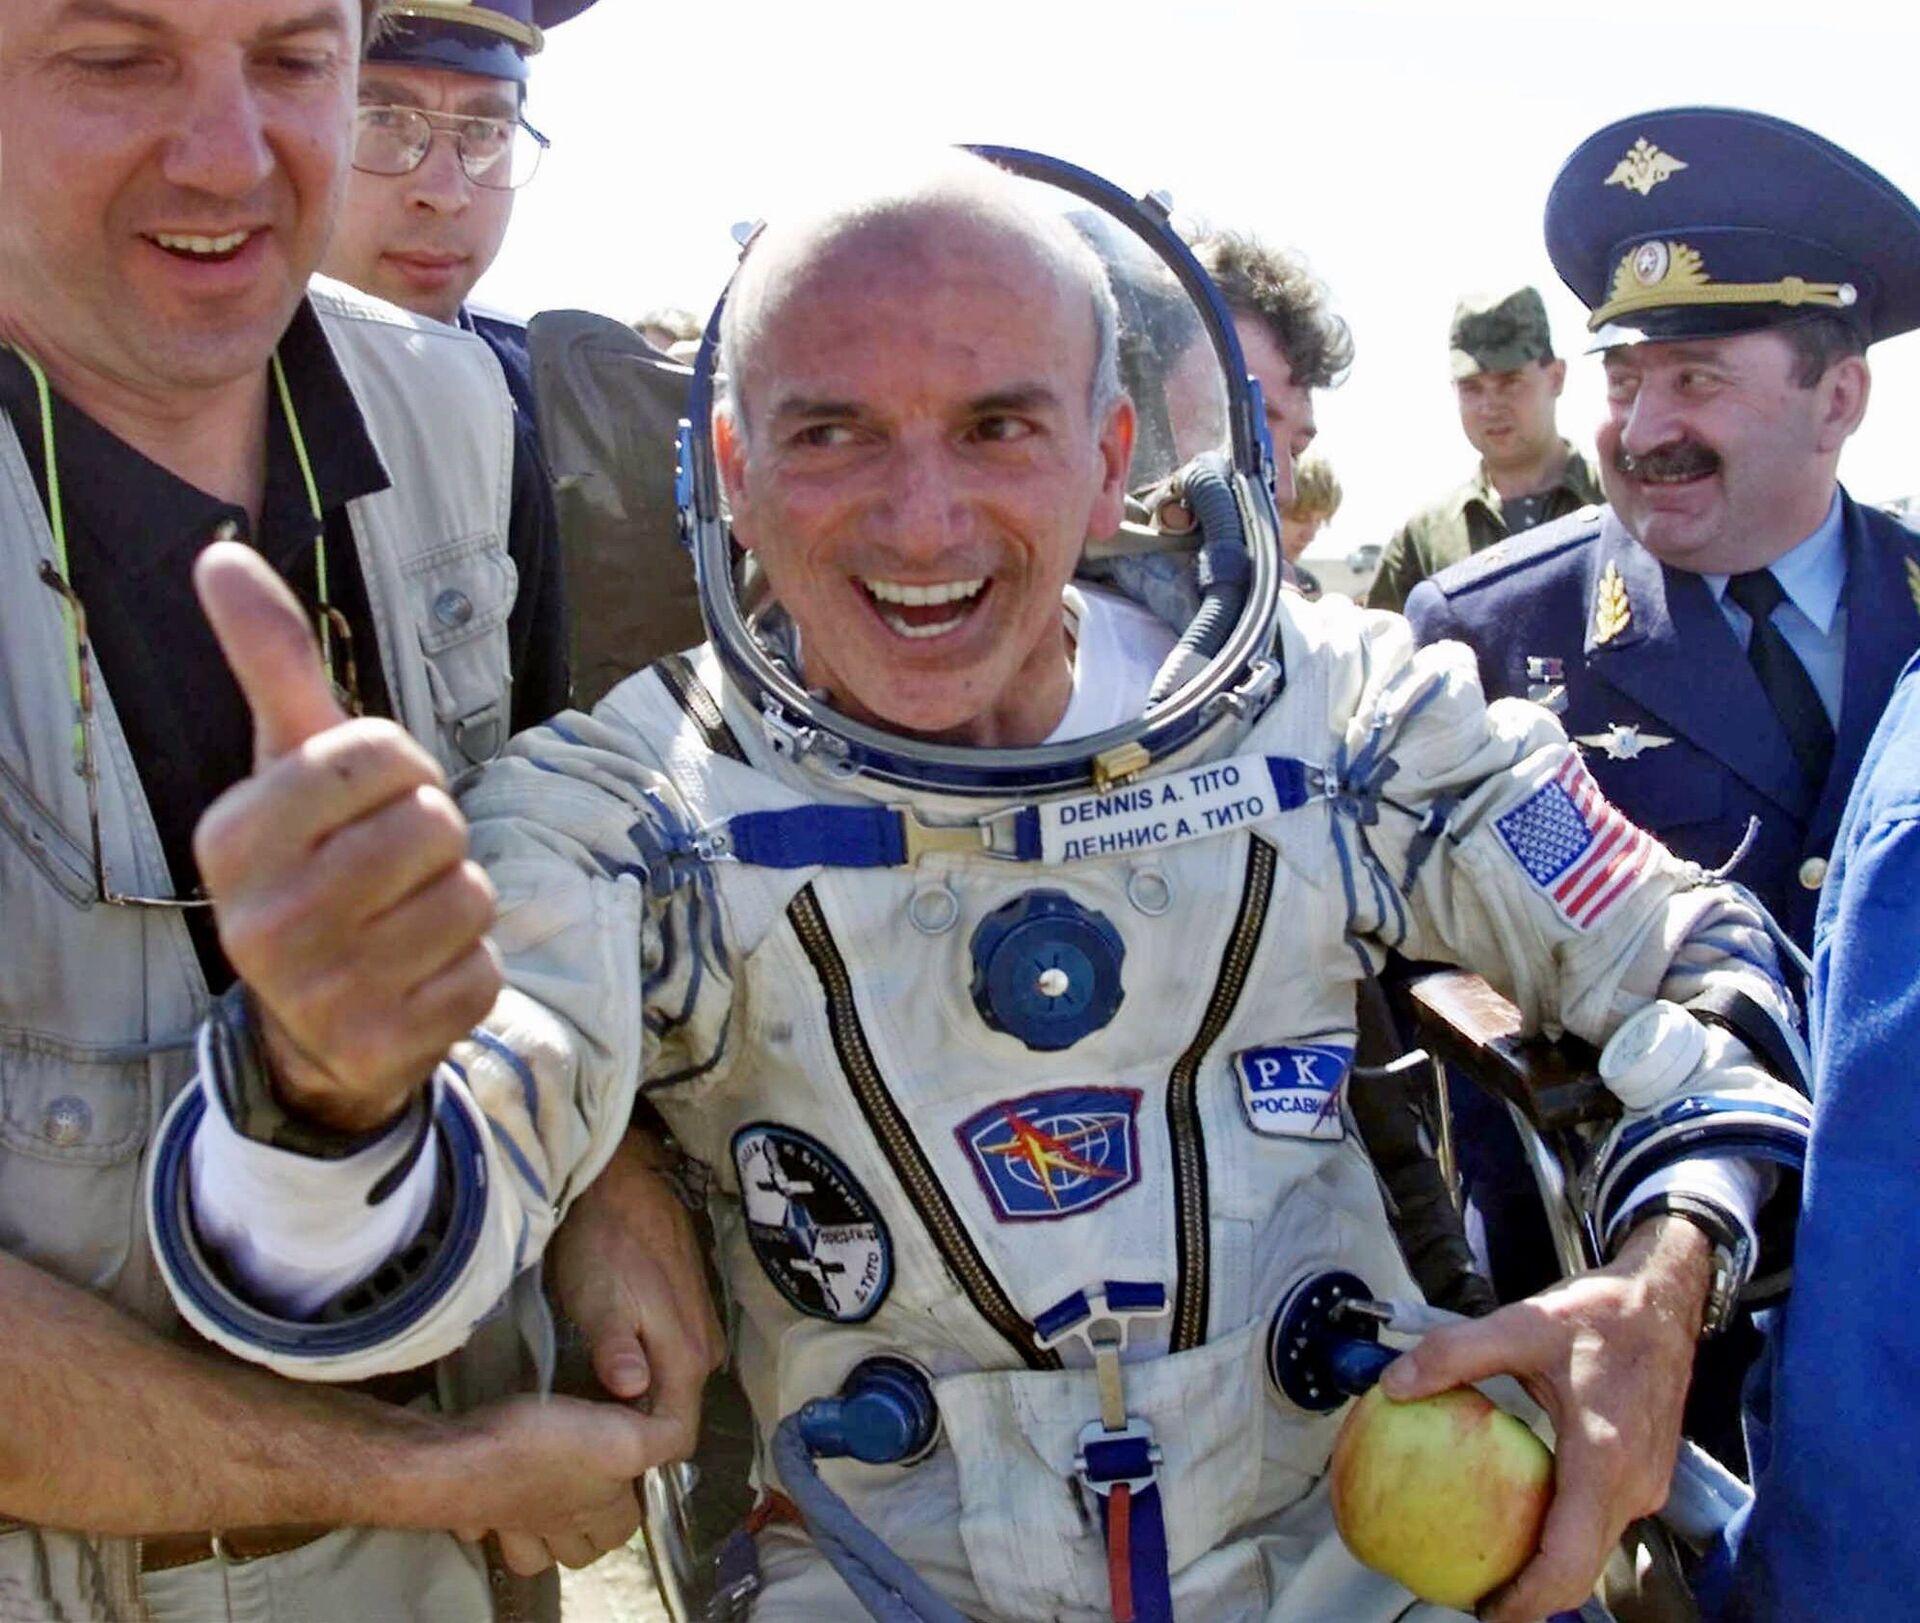 Первый космический турист американский бизнесмен Деннис Тито - РИА Новости, 1920, 23.04.2021